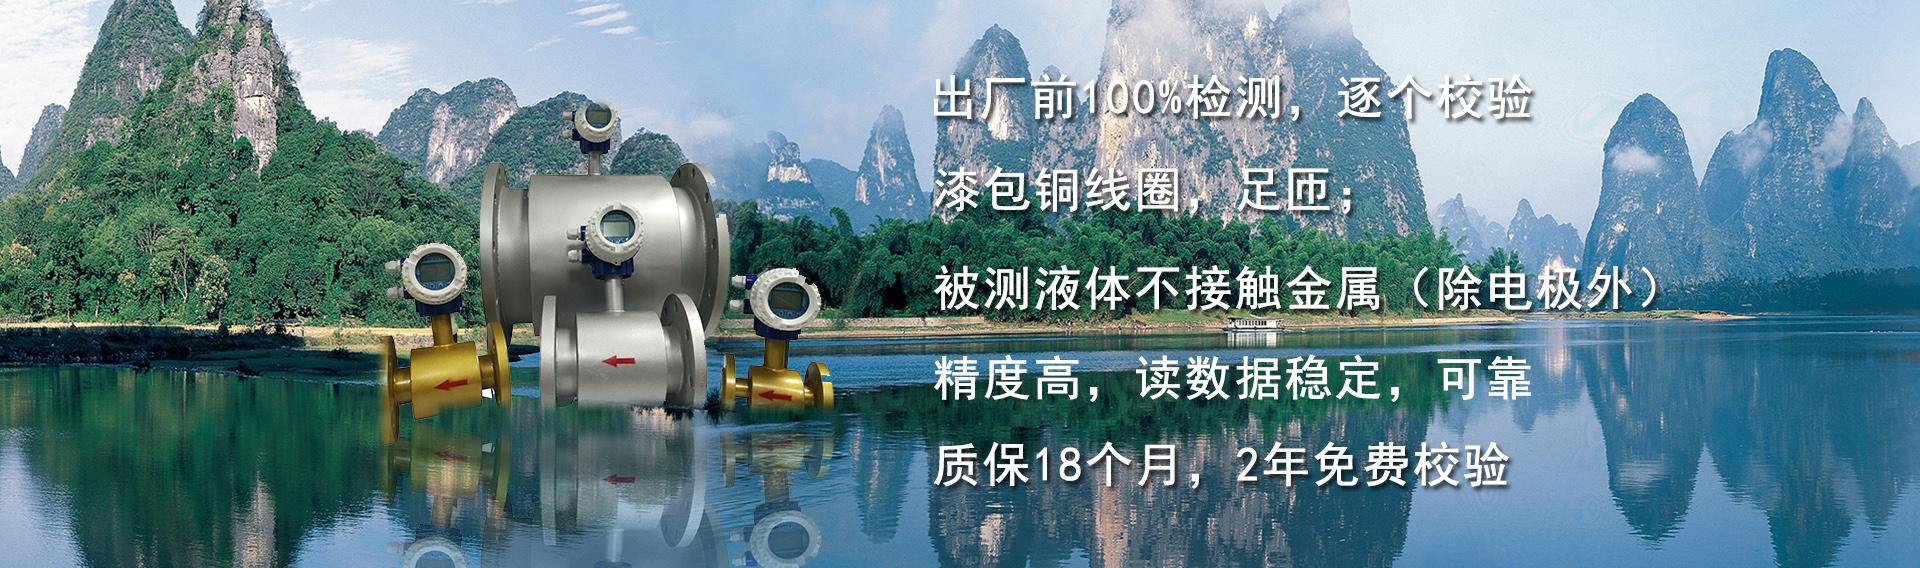 进口化工专用工程塑料阀门